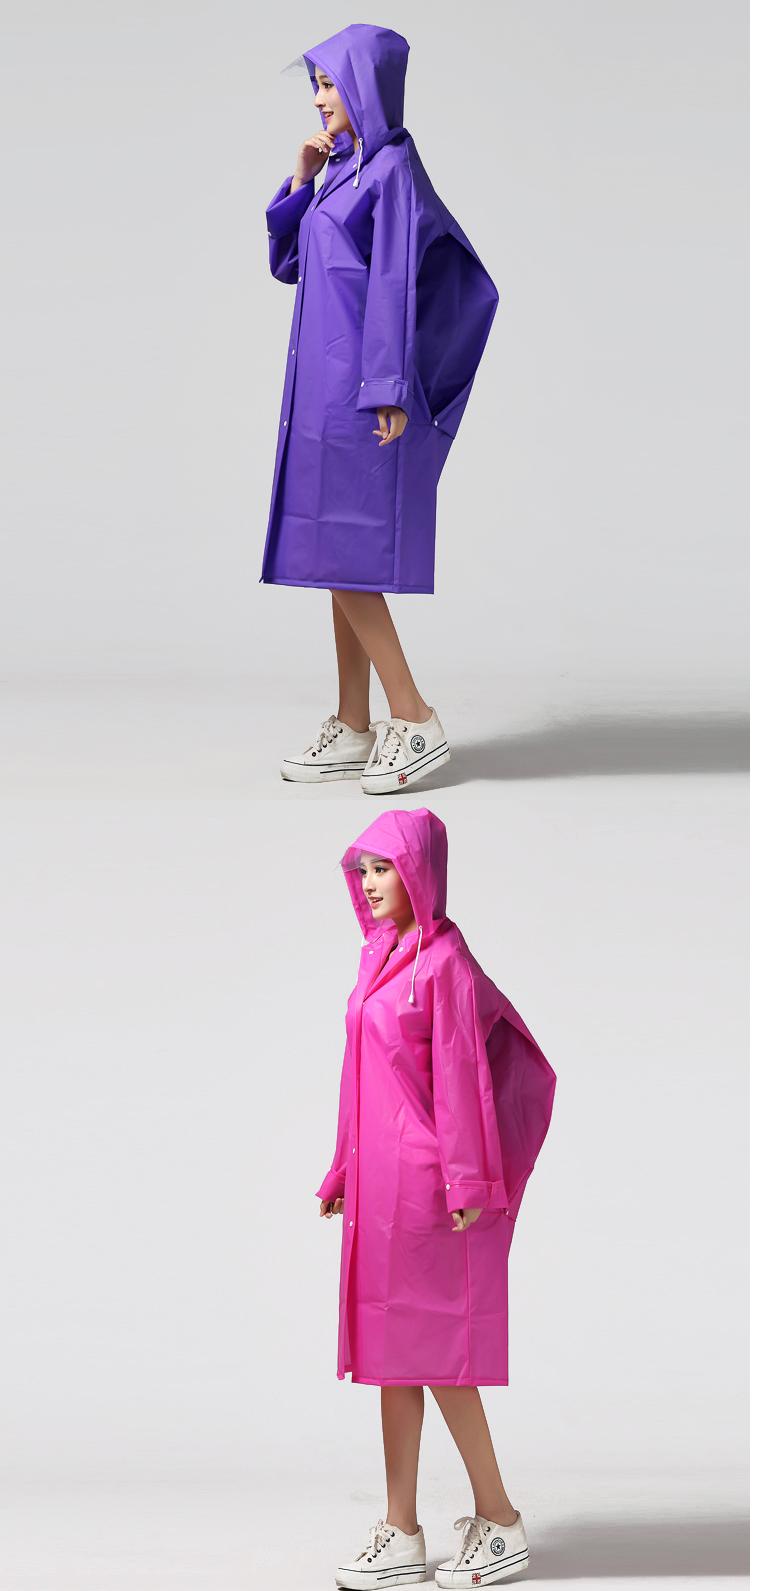 Women Transparent Portable Long Raincoats 19